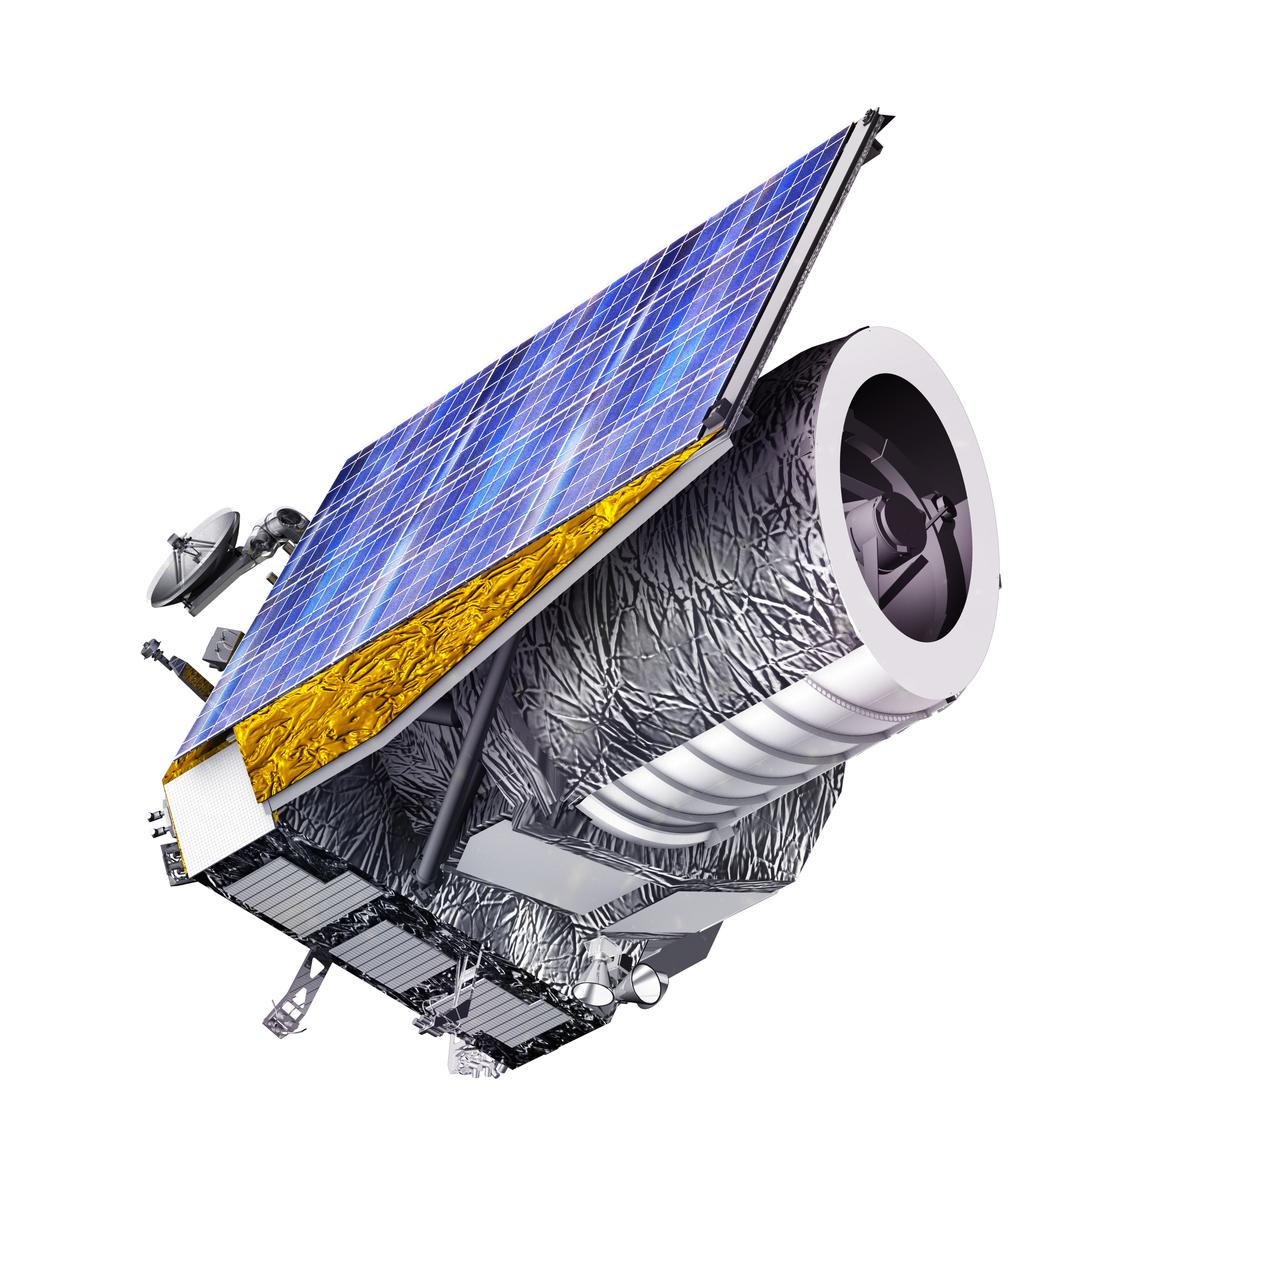 1567214528437-Euclid_spacecraft_20170329_1280.jpg